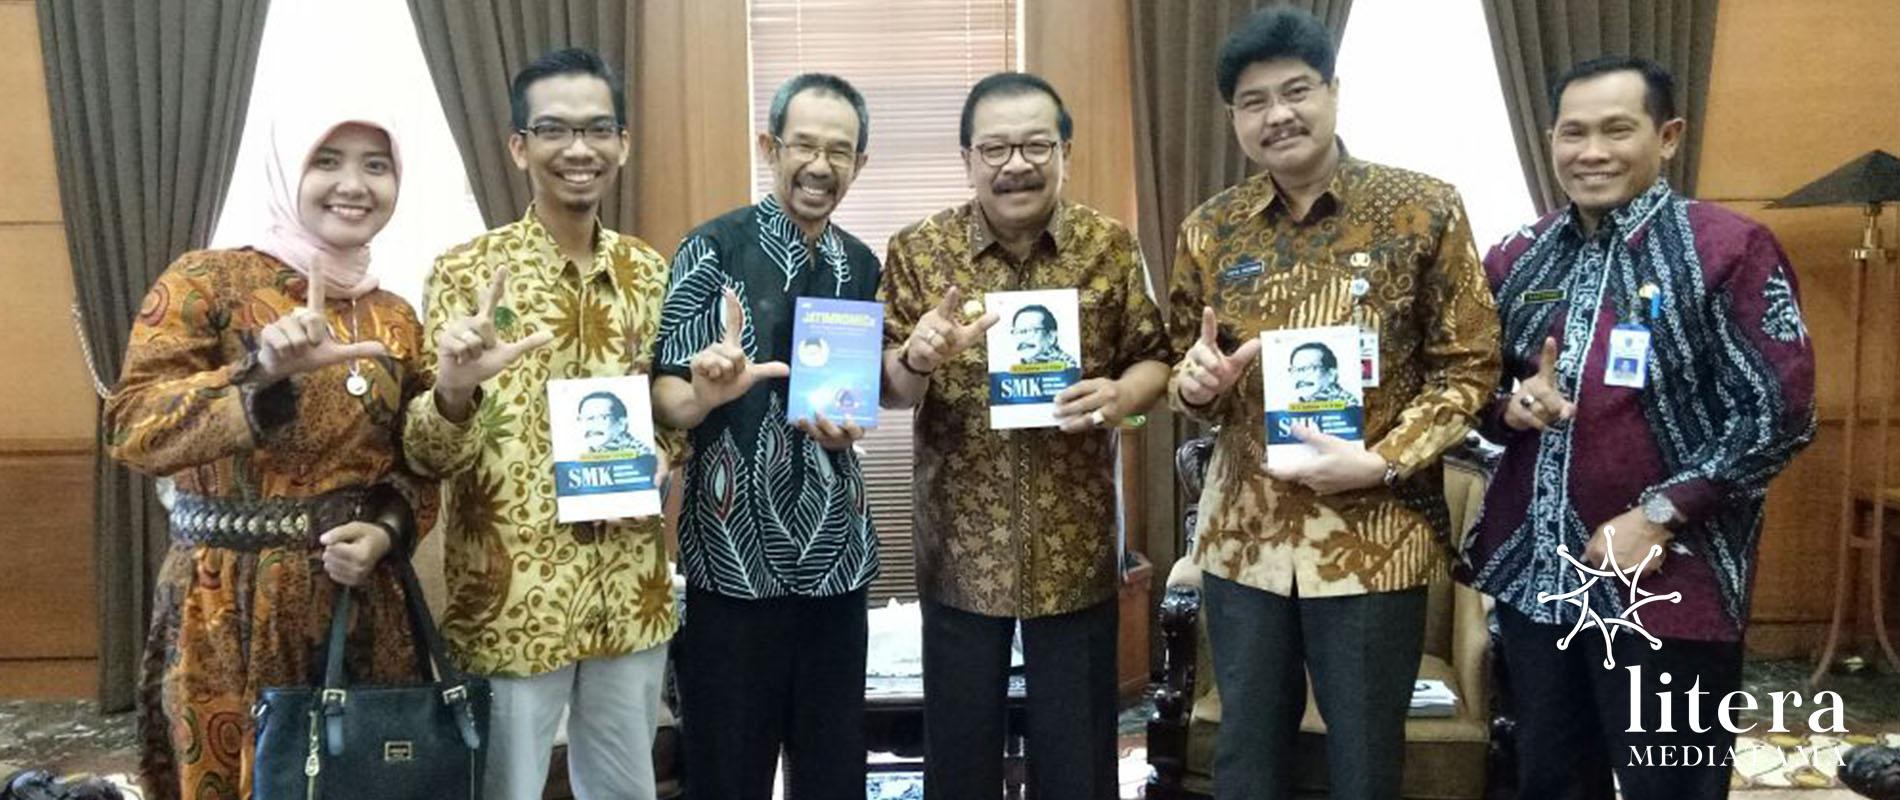 Bersama Gubernur Jawa Timur, Dr. H. Soekarwo, S.H, M.Hum